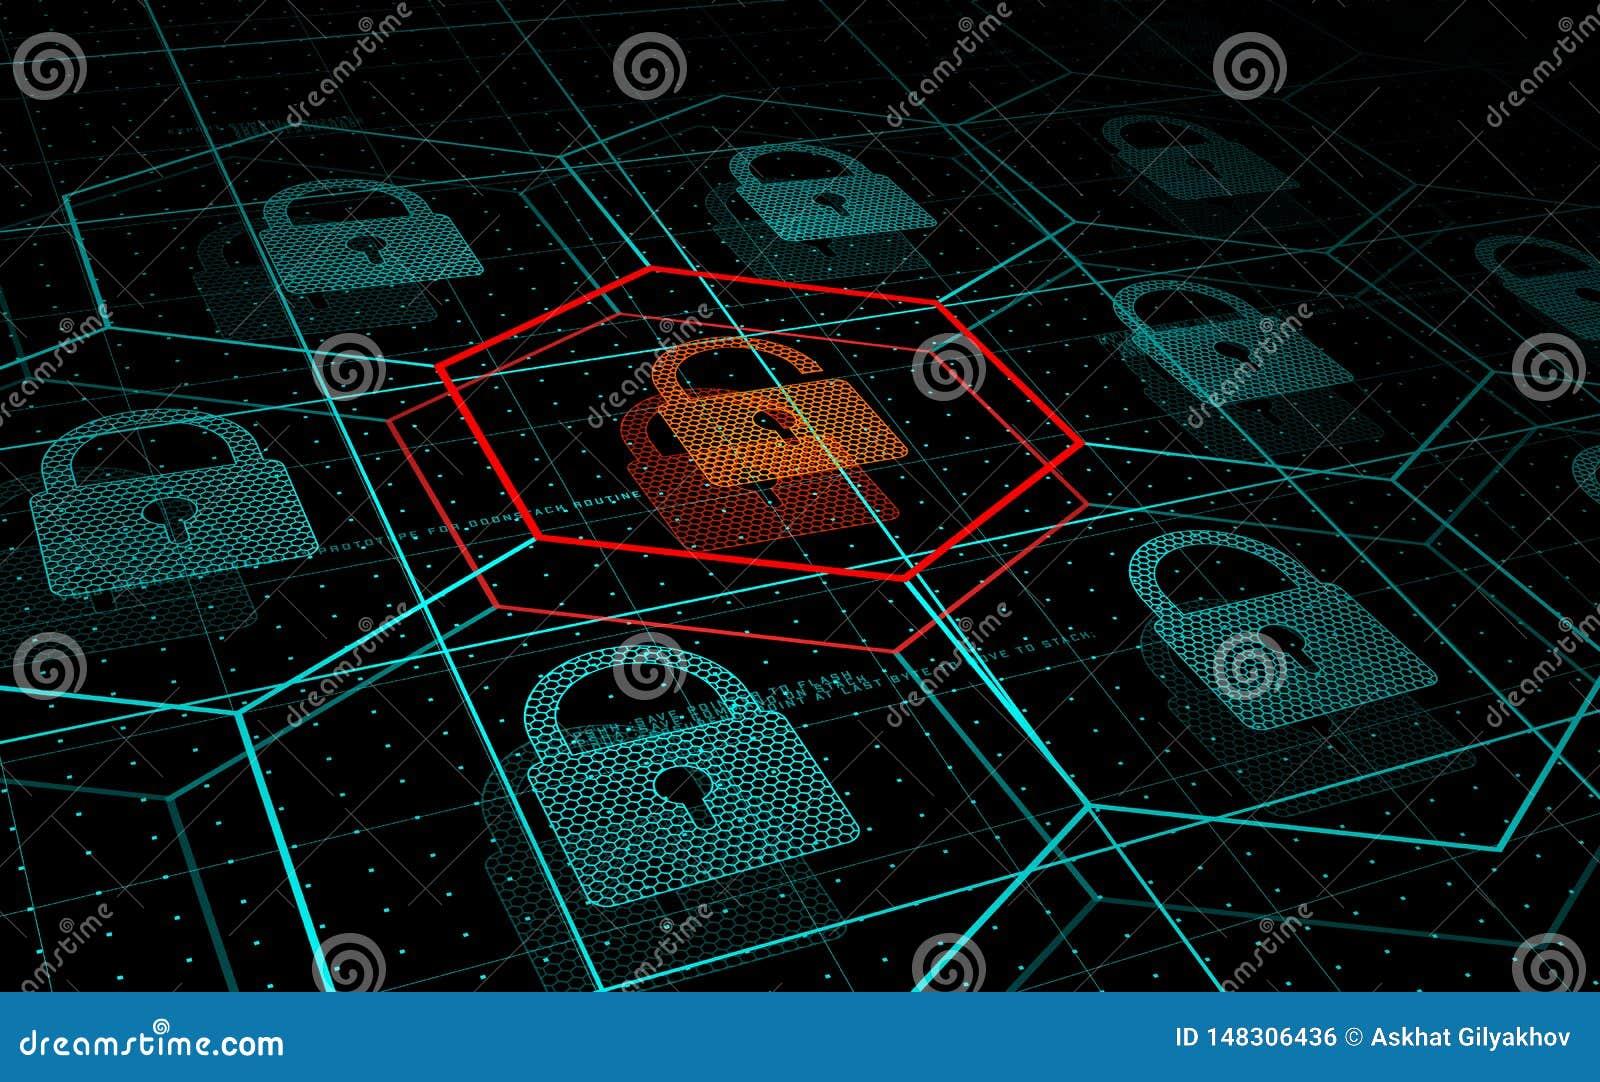 Cyberaanval, systeem onder bedreiging, DDoS-aanval